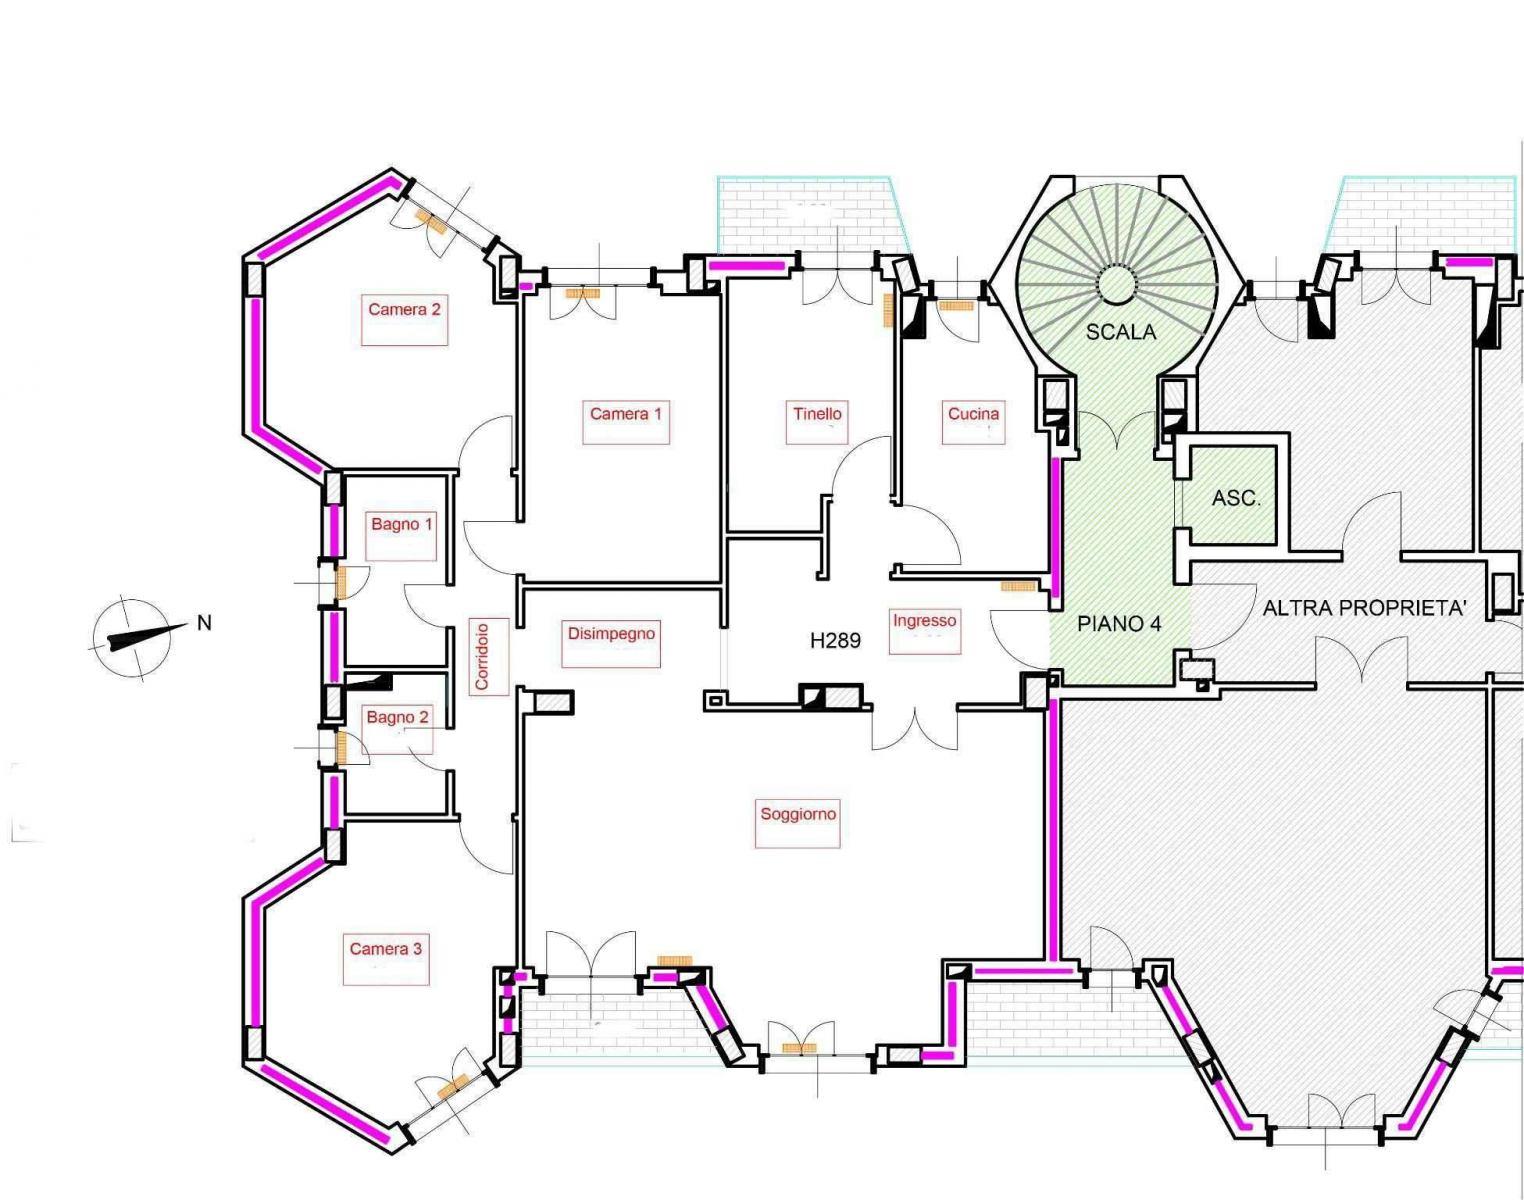 appartamento-in-vendita-milano-baggio-san-siro-forze-armate-quadrilocale-4-locali-quattro-spaziourbano-immobiliare-vende-16